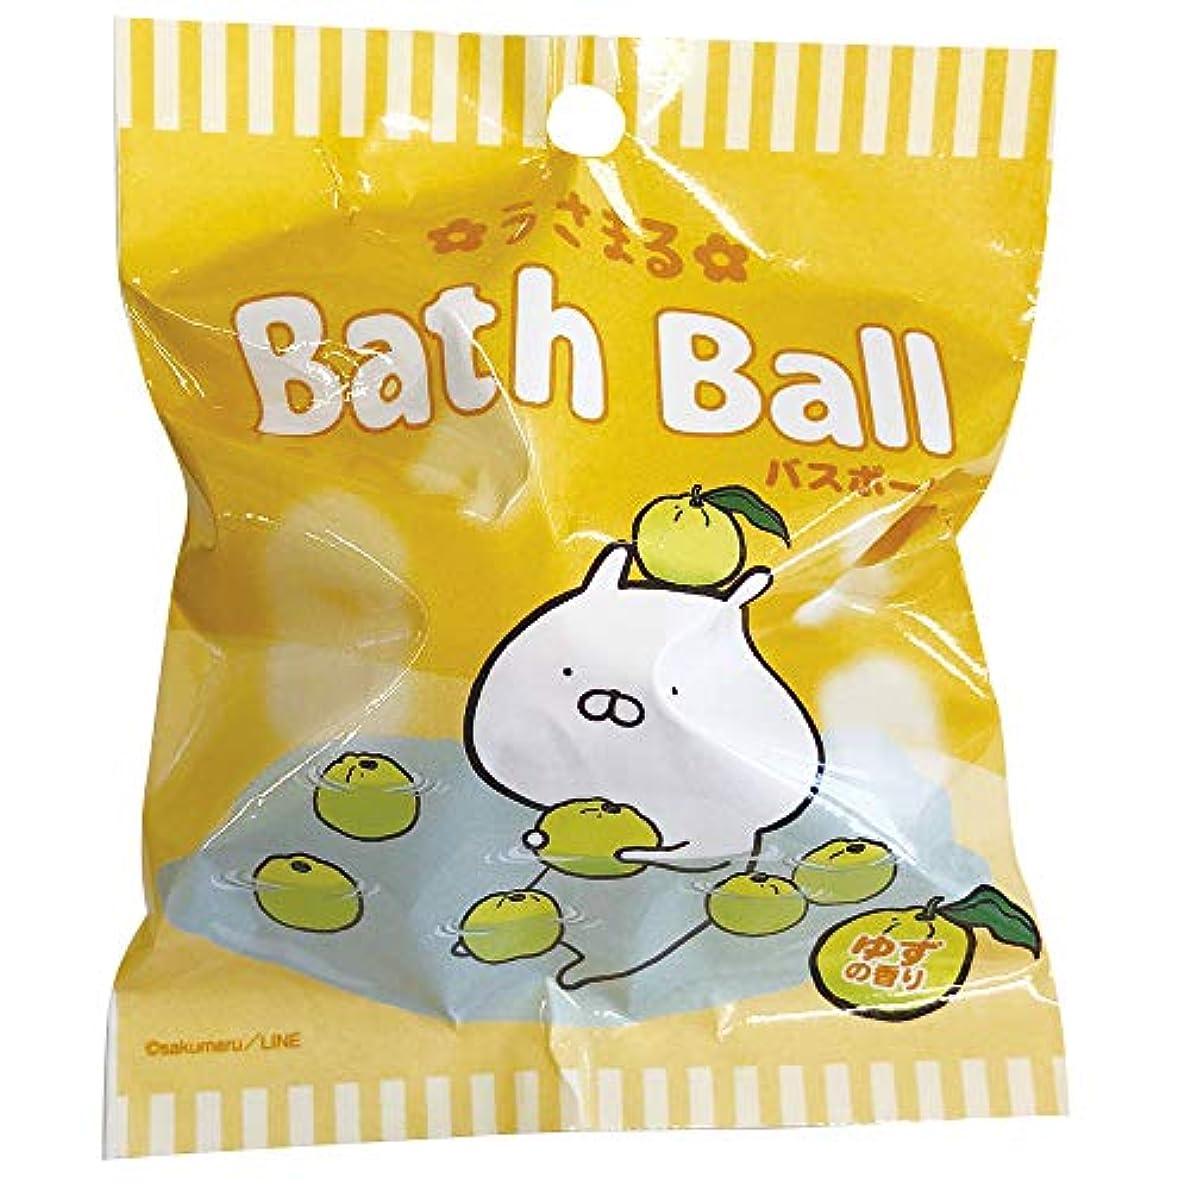 独特のばか形うさまる 入浴剤 バスボール おまけ付き ゆずの香り 60g ABD-020-001